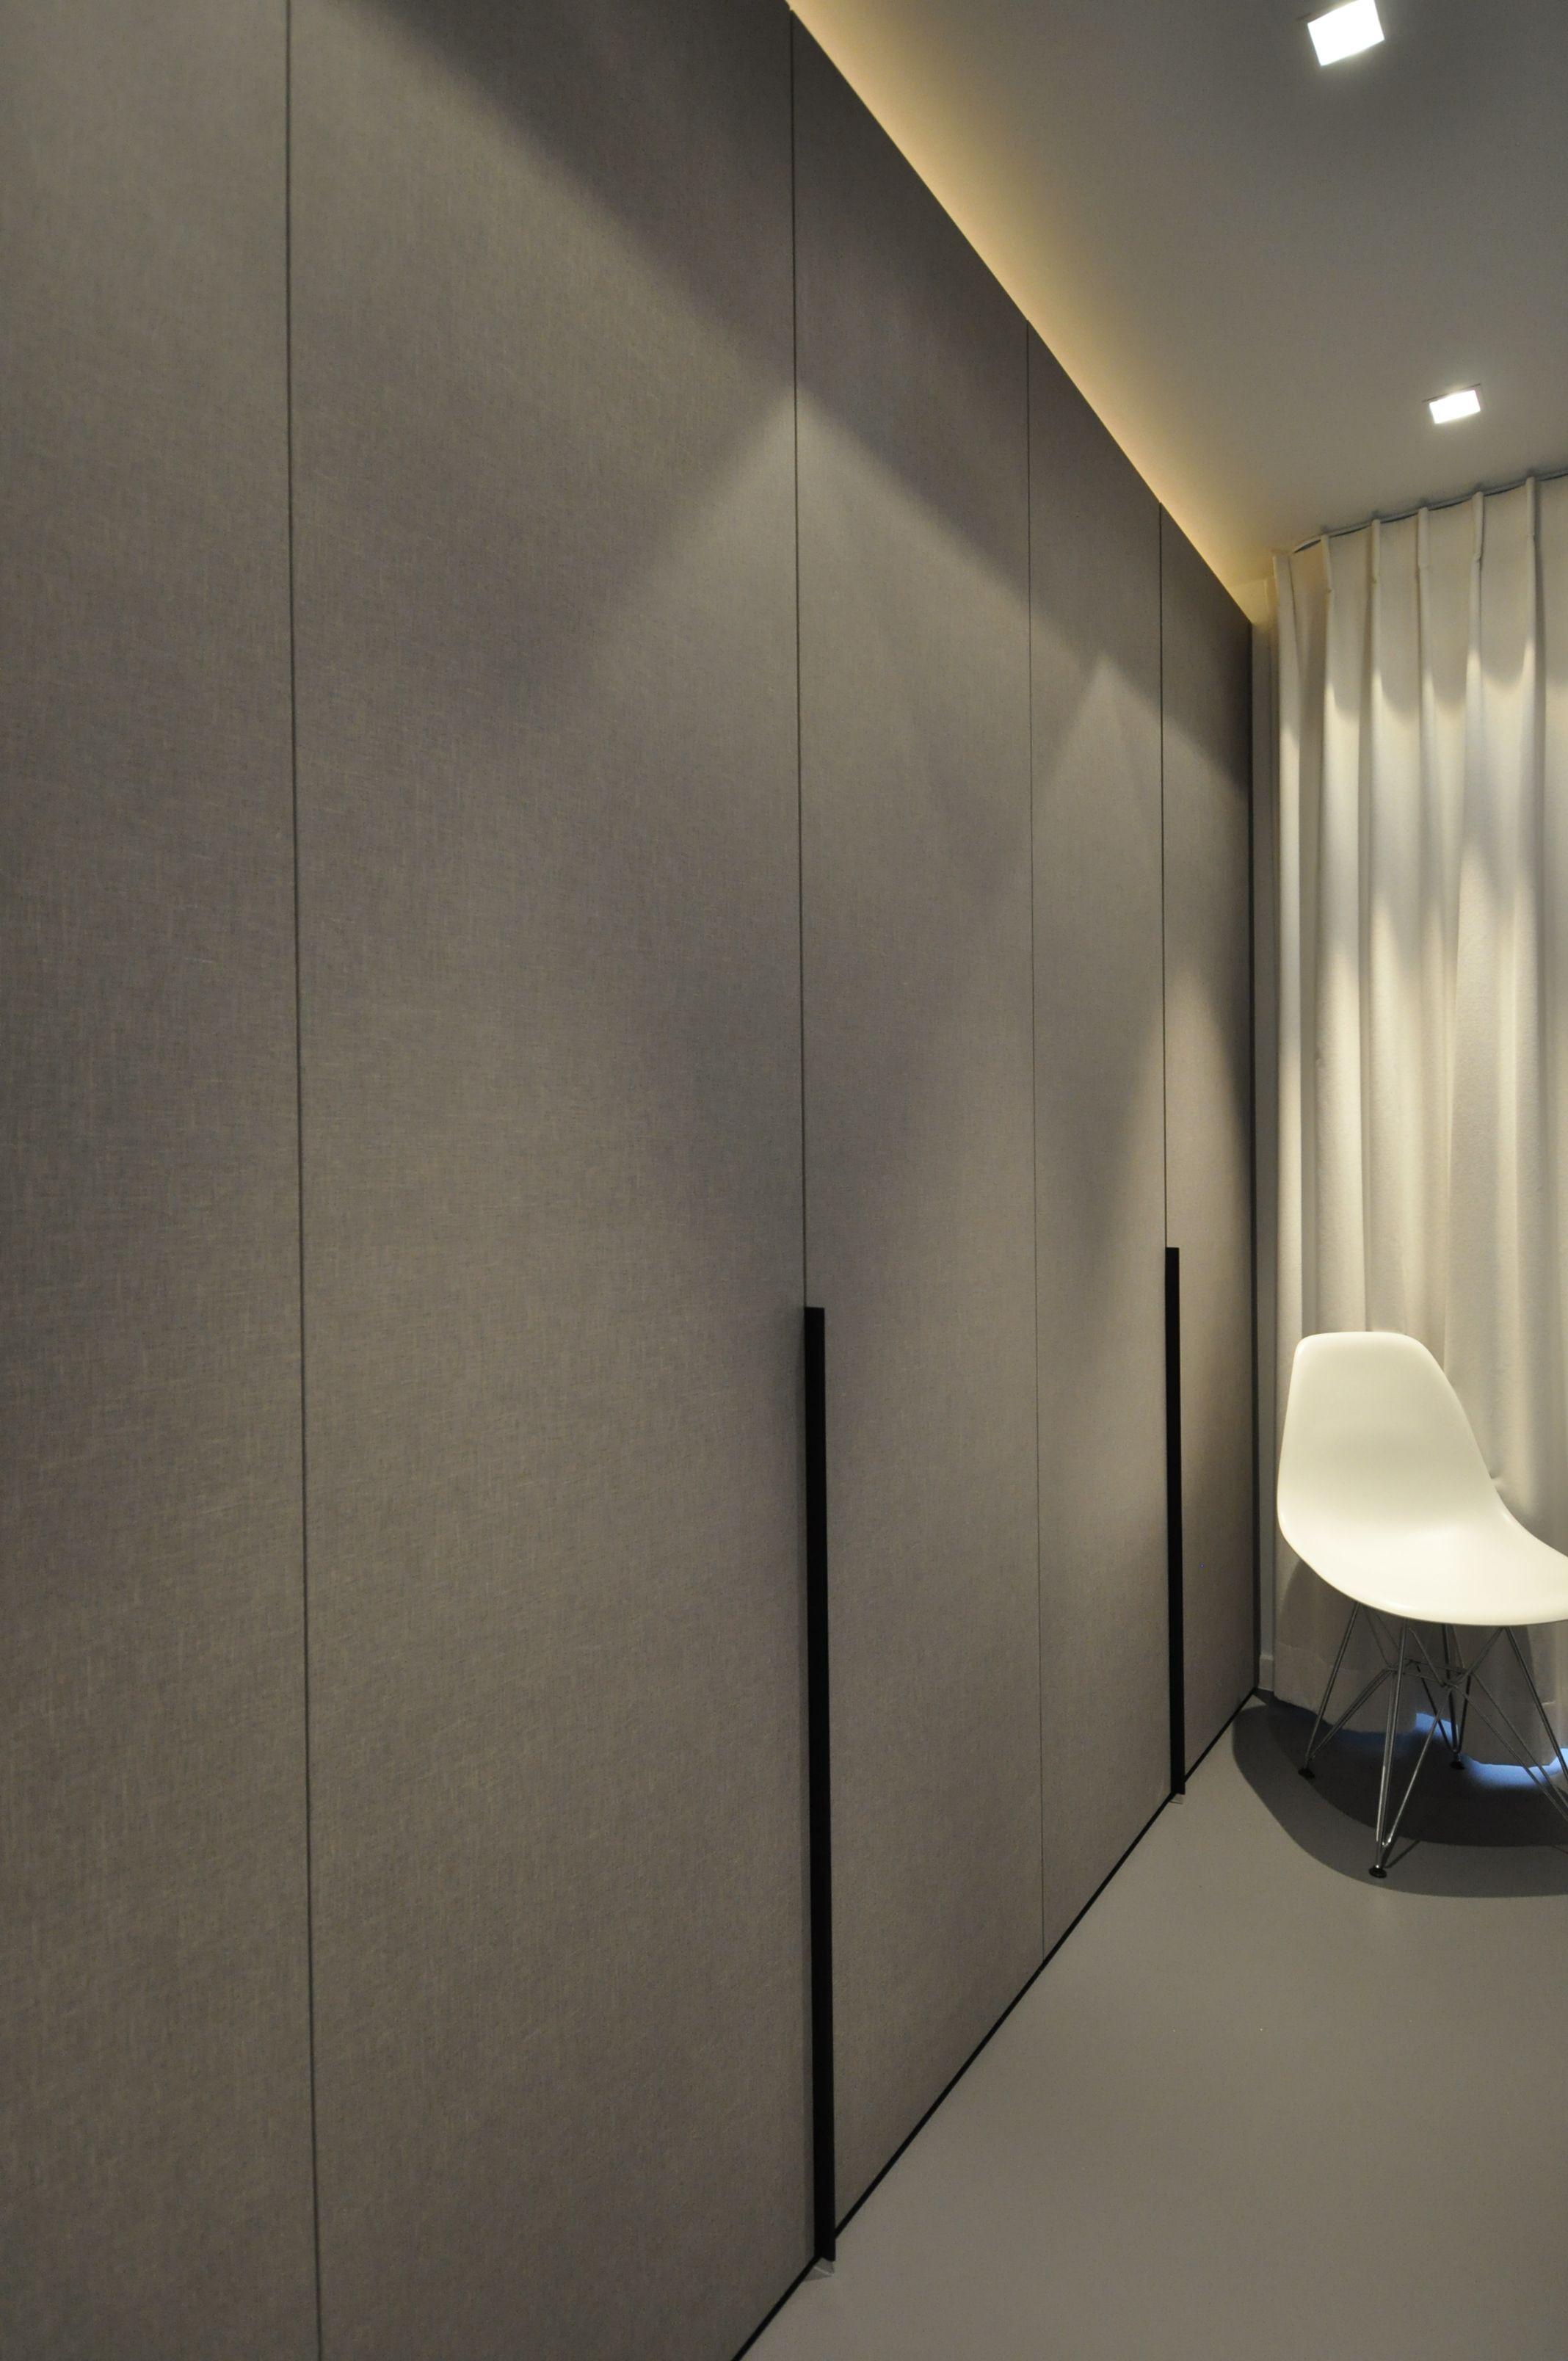 indirect licht in een slaapkamer | onze realisaties | pinterest, Deco ideeën